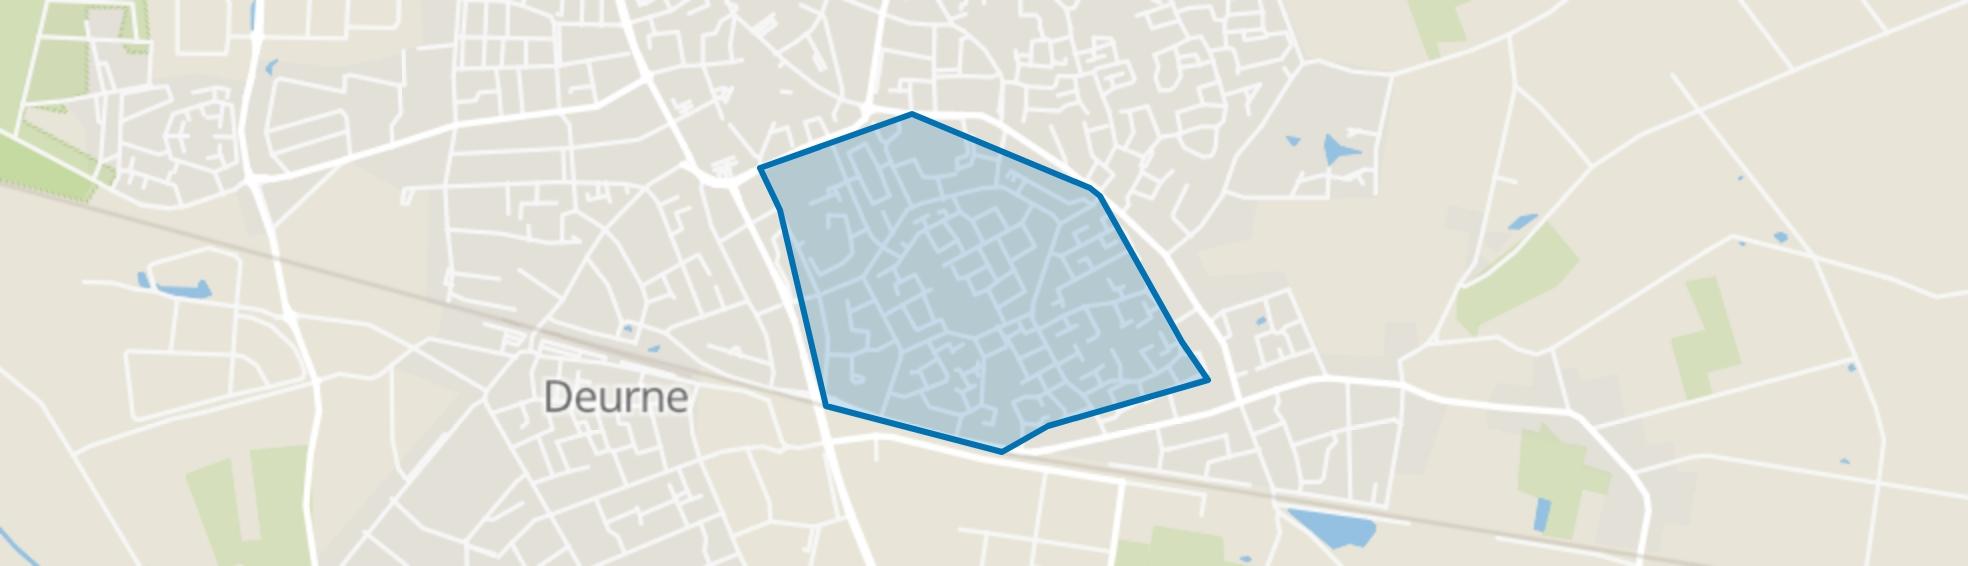 Koolhof, Deurne map